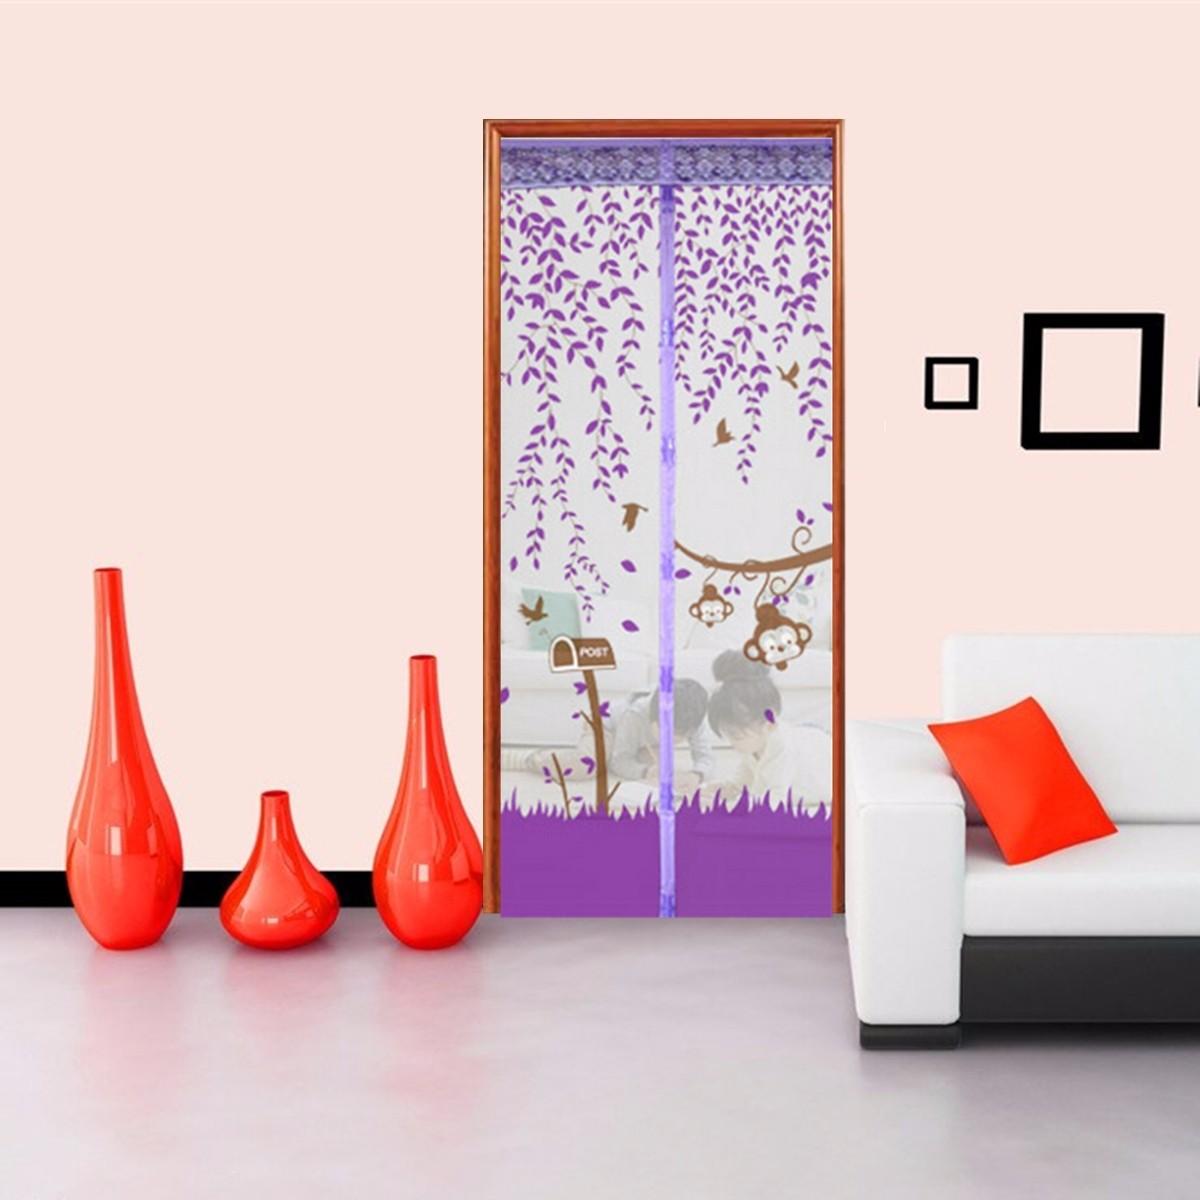 aimant rideau porte porti re maille magique anti insecte mouche moustique maison ebay. Black Bedroom Furniture Sets. Home Design Ideas